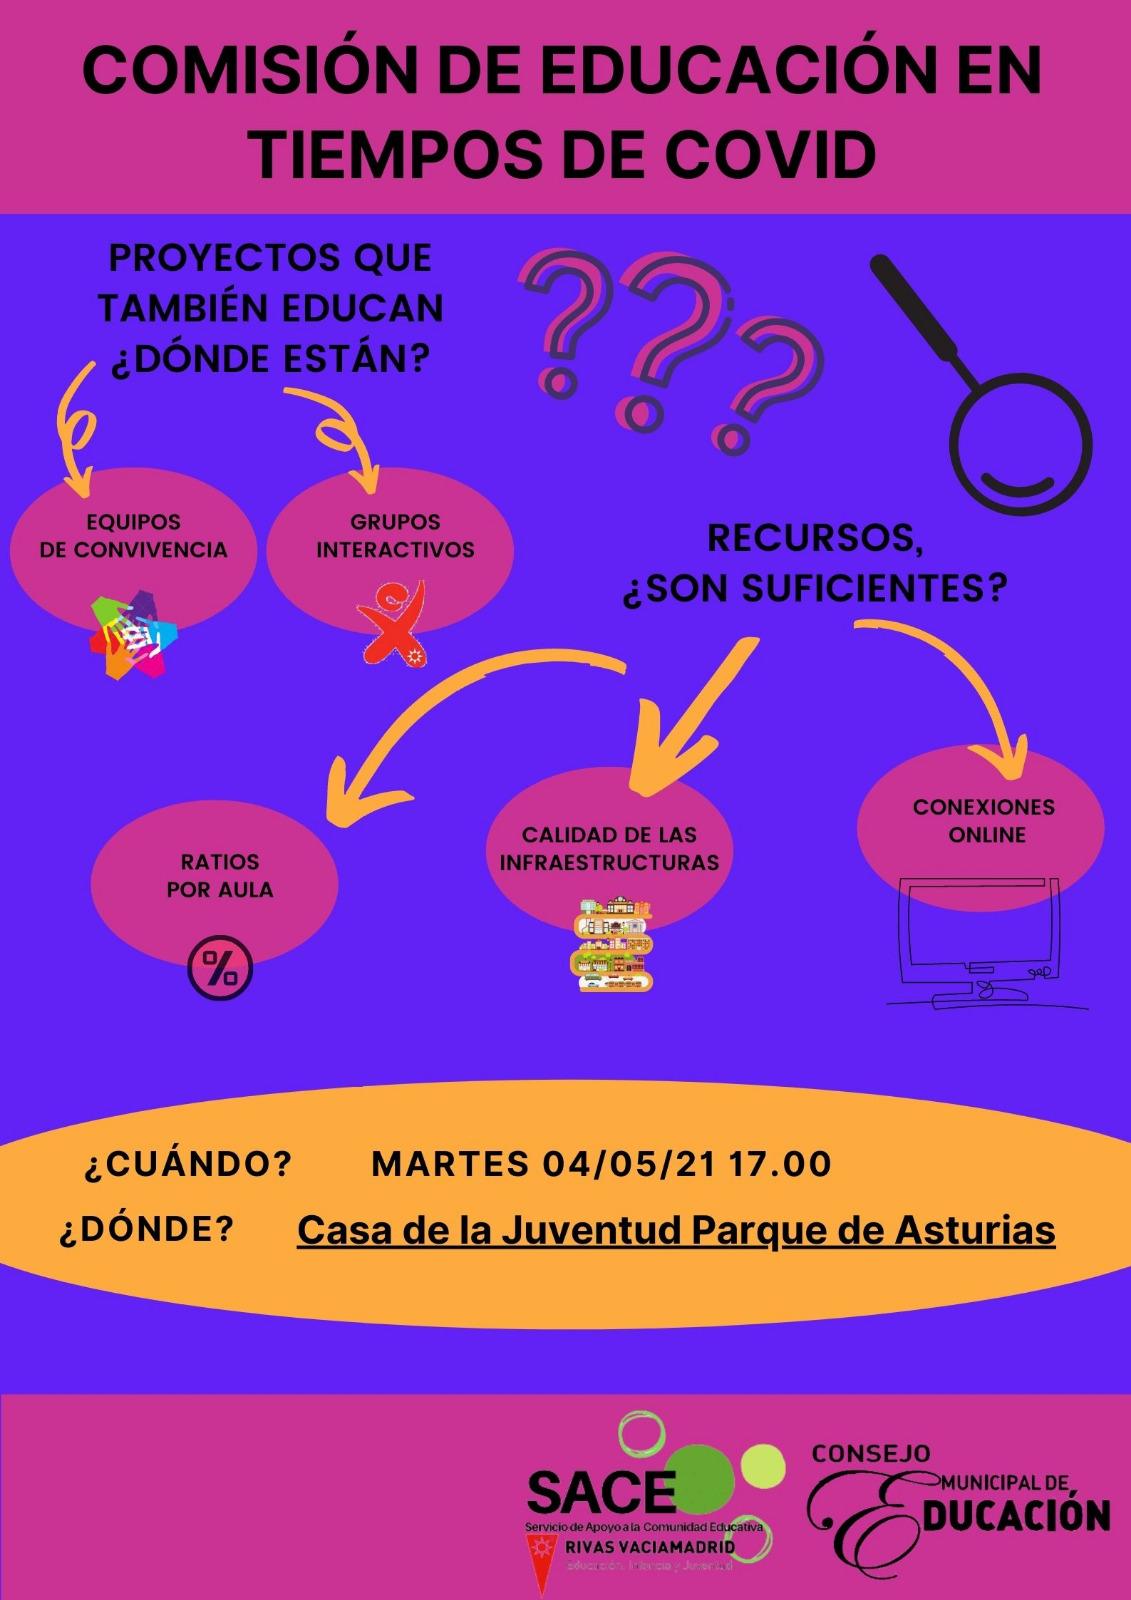 Comisión de educación en tiempos de Covid del Consejo Municipal de Educación de Riva